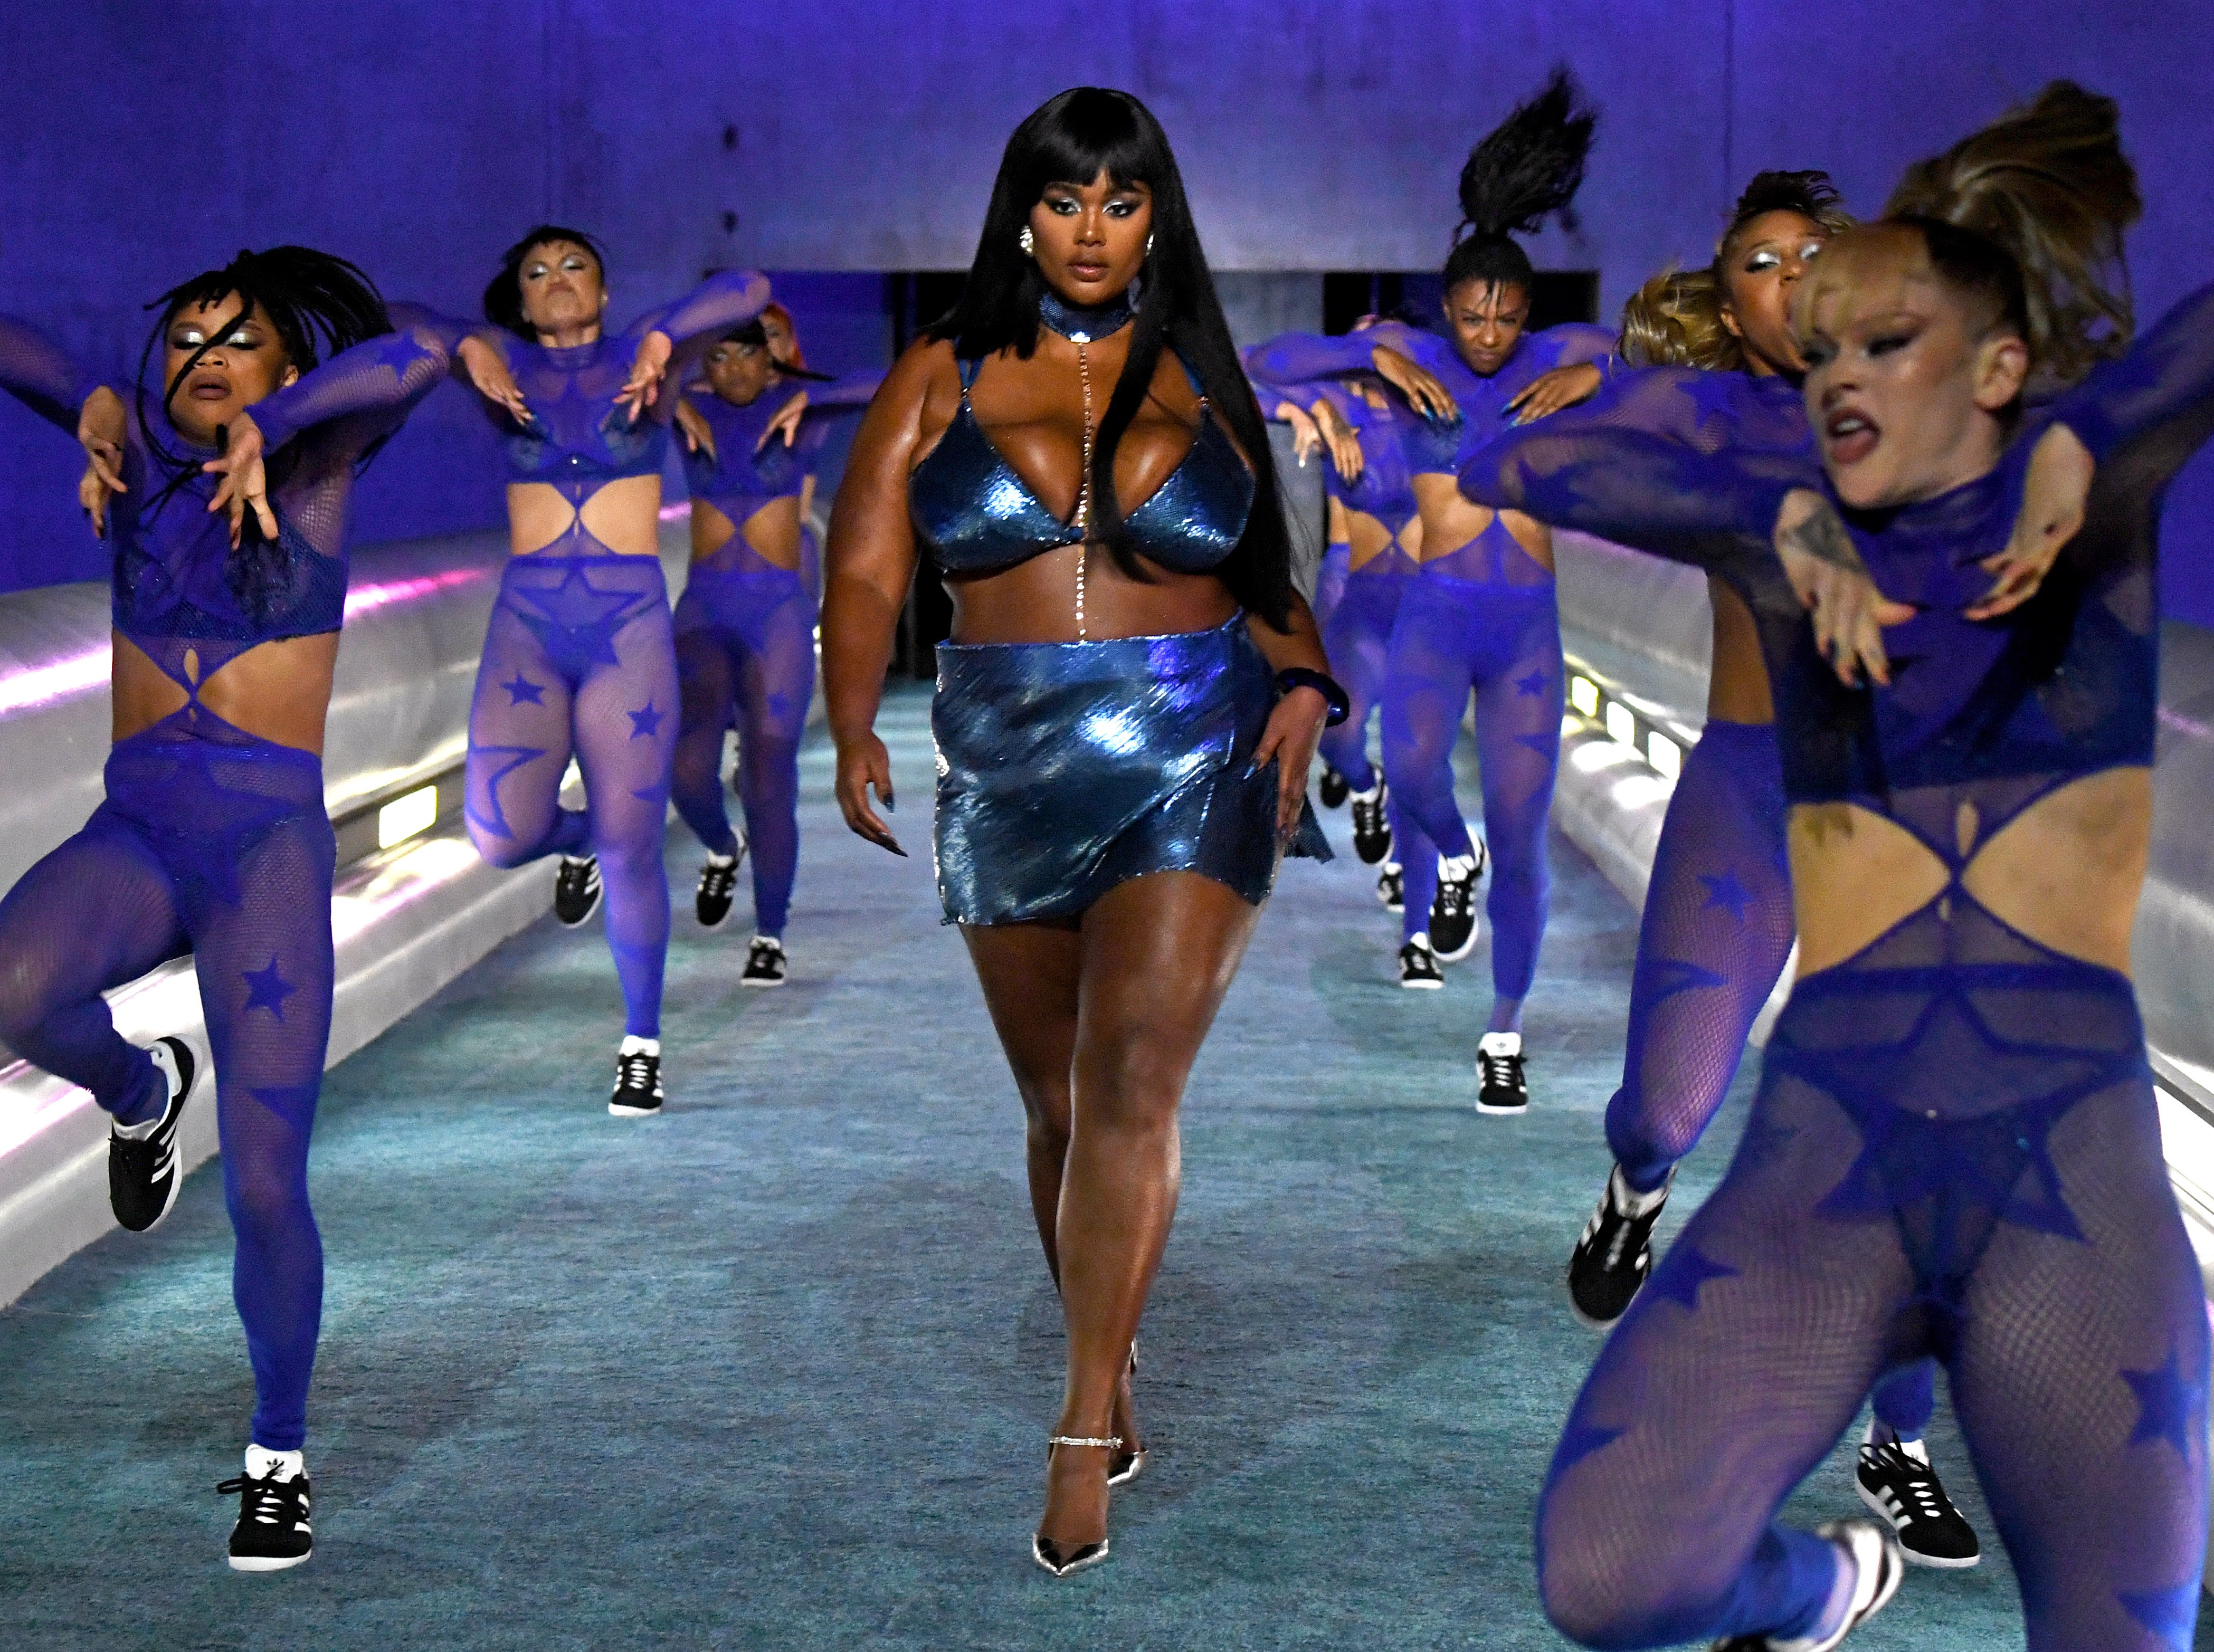 Cena do Fenty X Savage Show. Uma mulher negra, gorda, de cabelos pretos e grandes, usando um sutiã e saia azuis metálicos desfilando entre dez dançarinas, usando macacões azuis. Ao lado delas há corrimões e luzes azuis ao fundo.